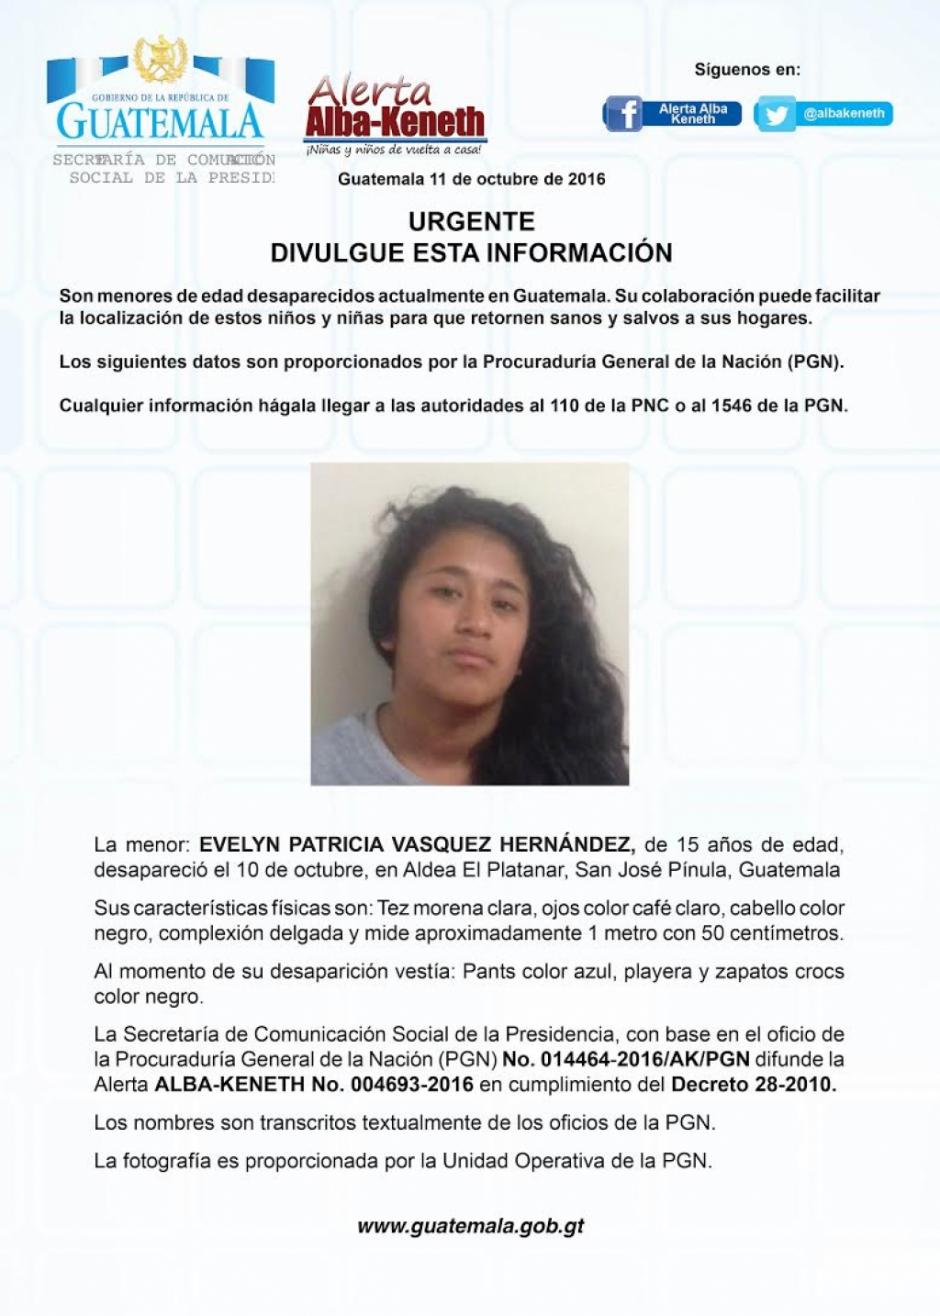 Evelyn Patricia Vásquez Hernández es otra de las adolescentes fugadas. (Imagen: Twitter/Alerta Alba Keneth)